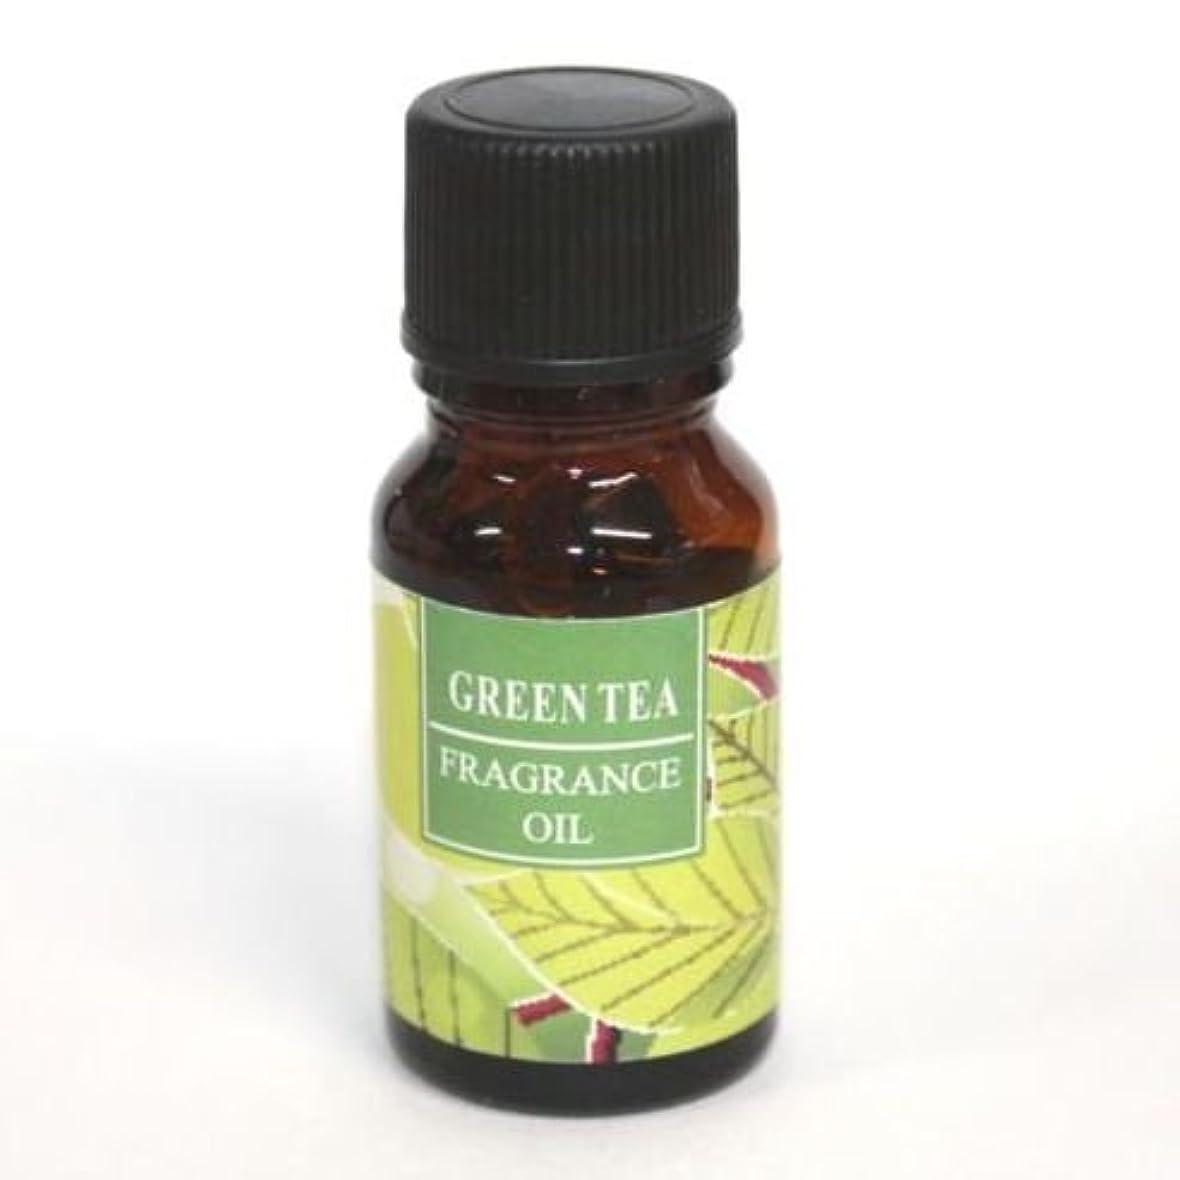 広告する同化買い手RELAXING アロマオイル AROMA OIL フレグランスオイル GREEN TEA 緑茶の香り RQ-09